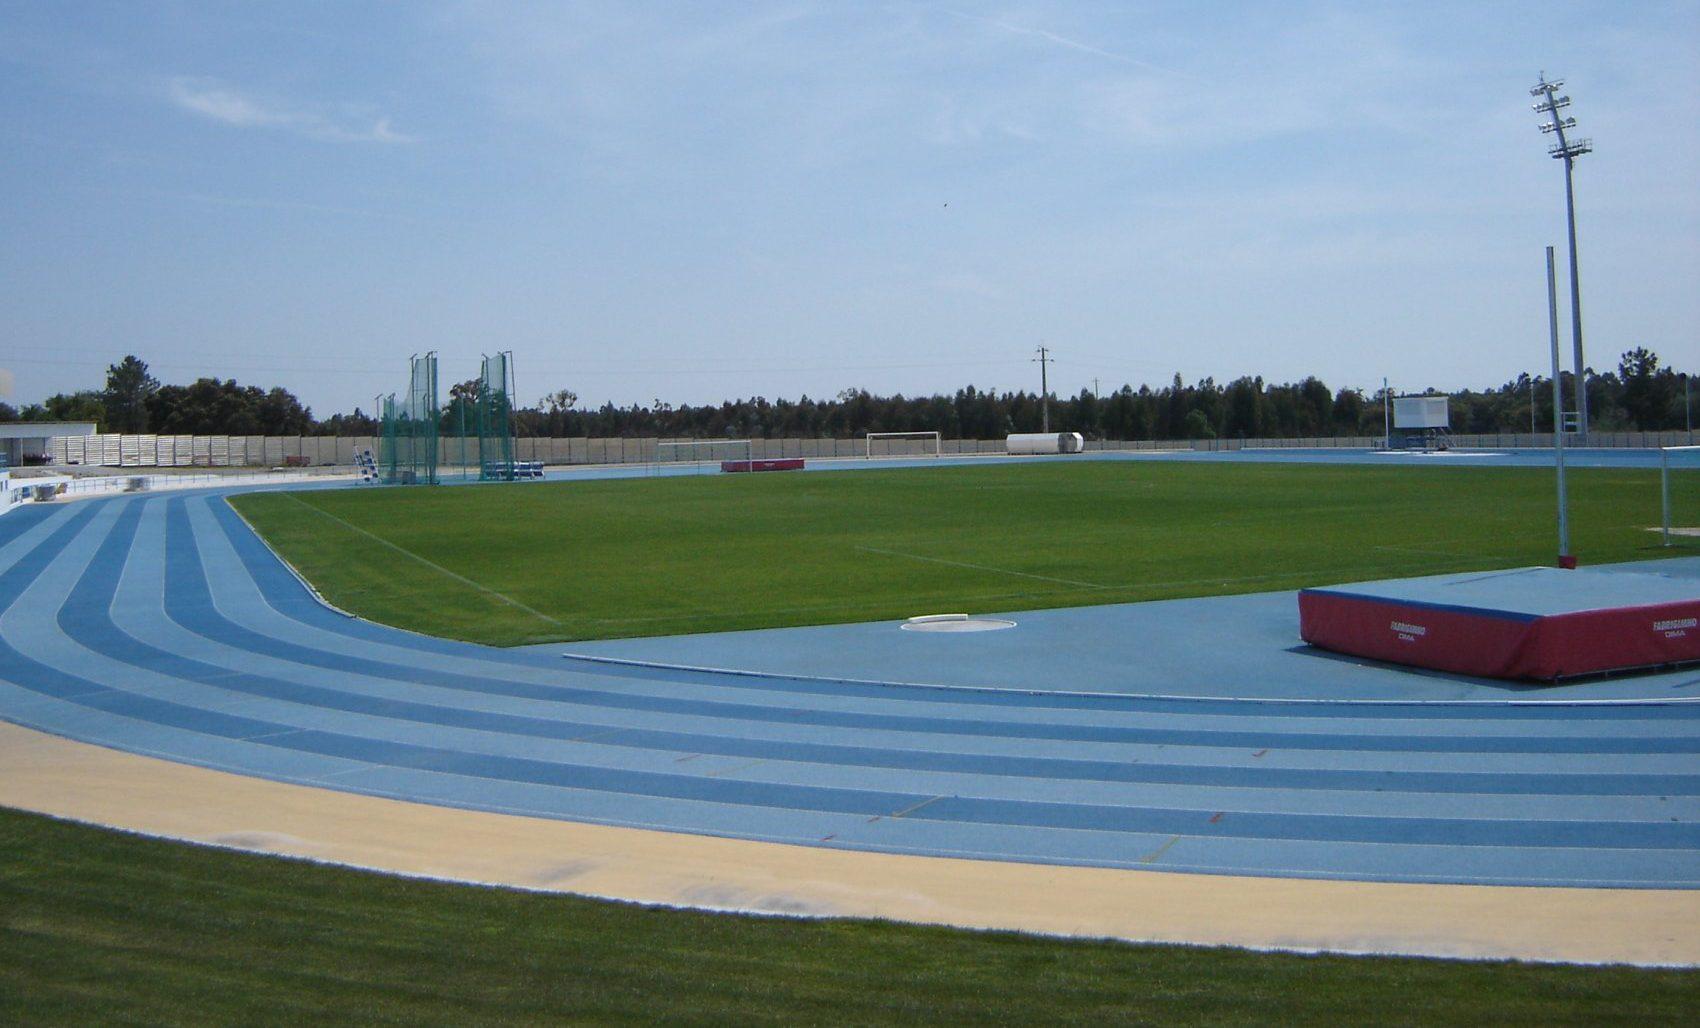 Realizaram-se esta manhã, os campeonatos do Alentejo de Pista, com organização da Associação de Atletismo de Beja, estando as mulheres do distrito em destaque na pista de Vendas Novas.